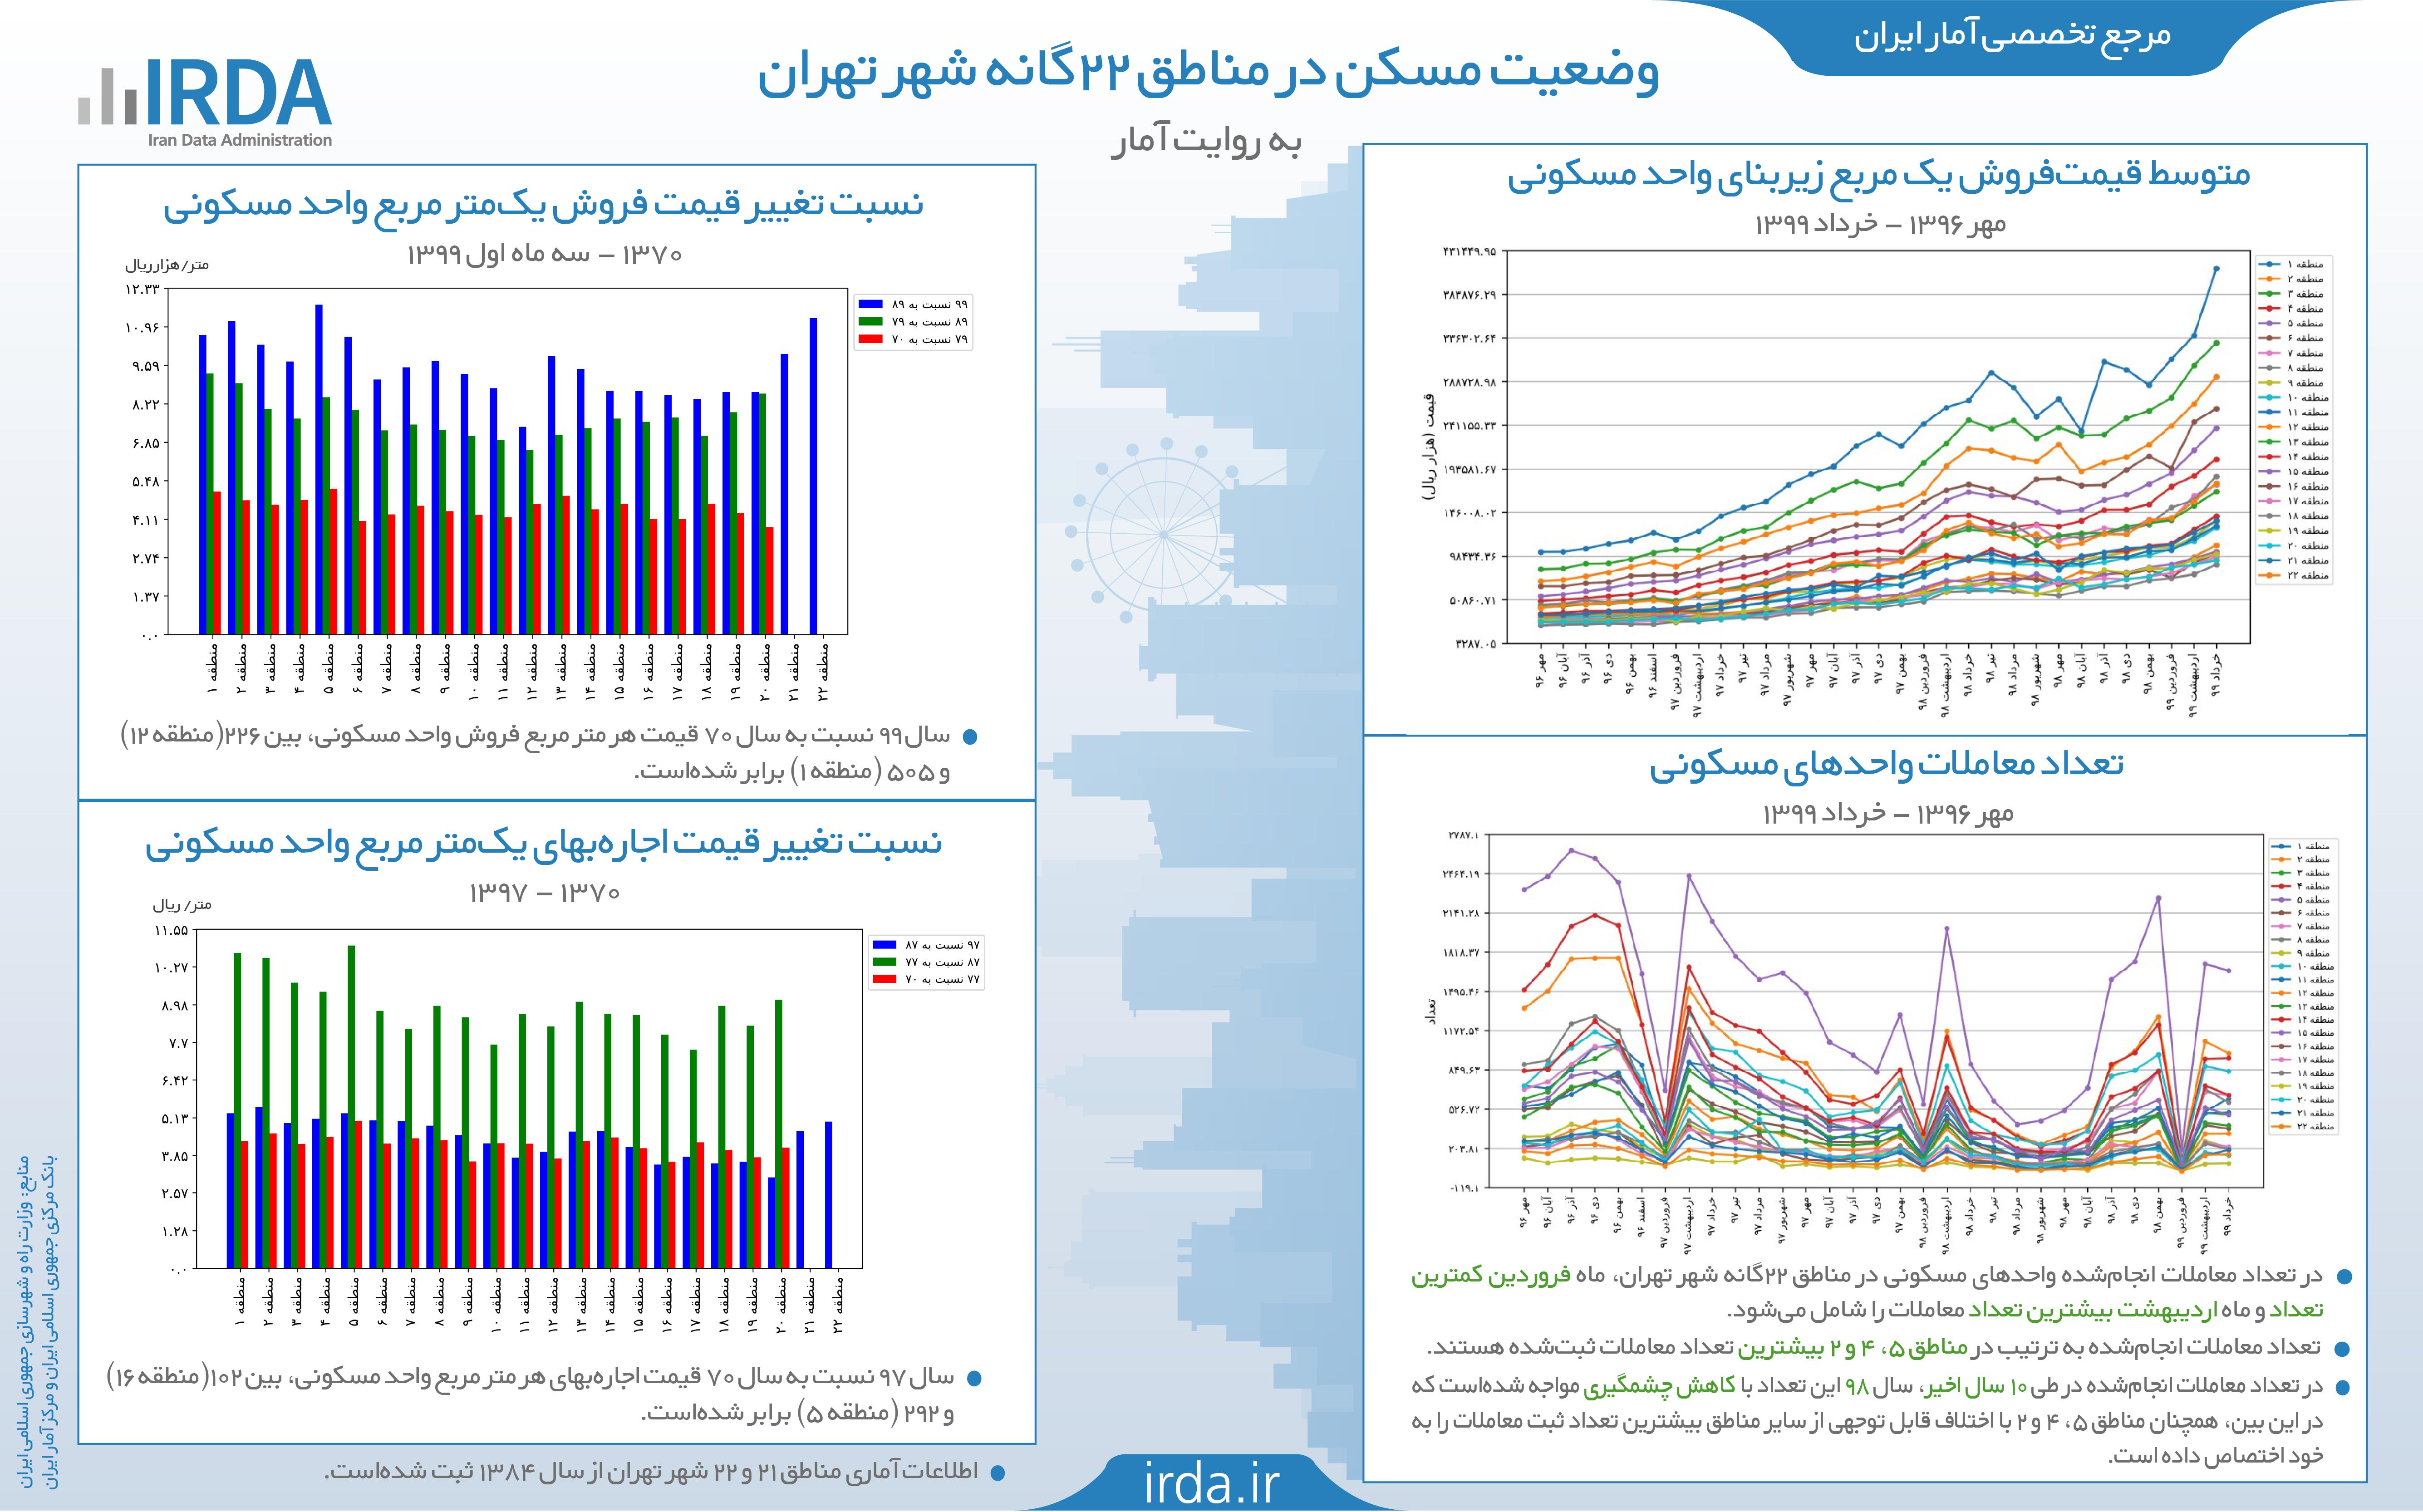 وضعیت مسکن در مناطق 22 گانه شهر تهران به روایت آمار